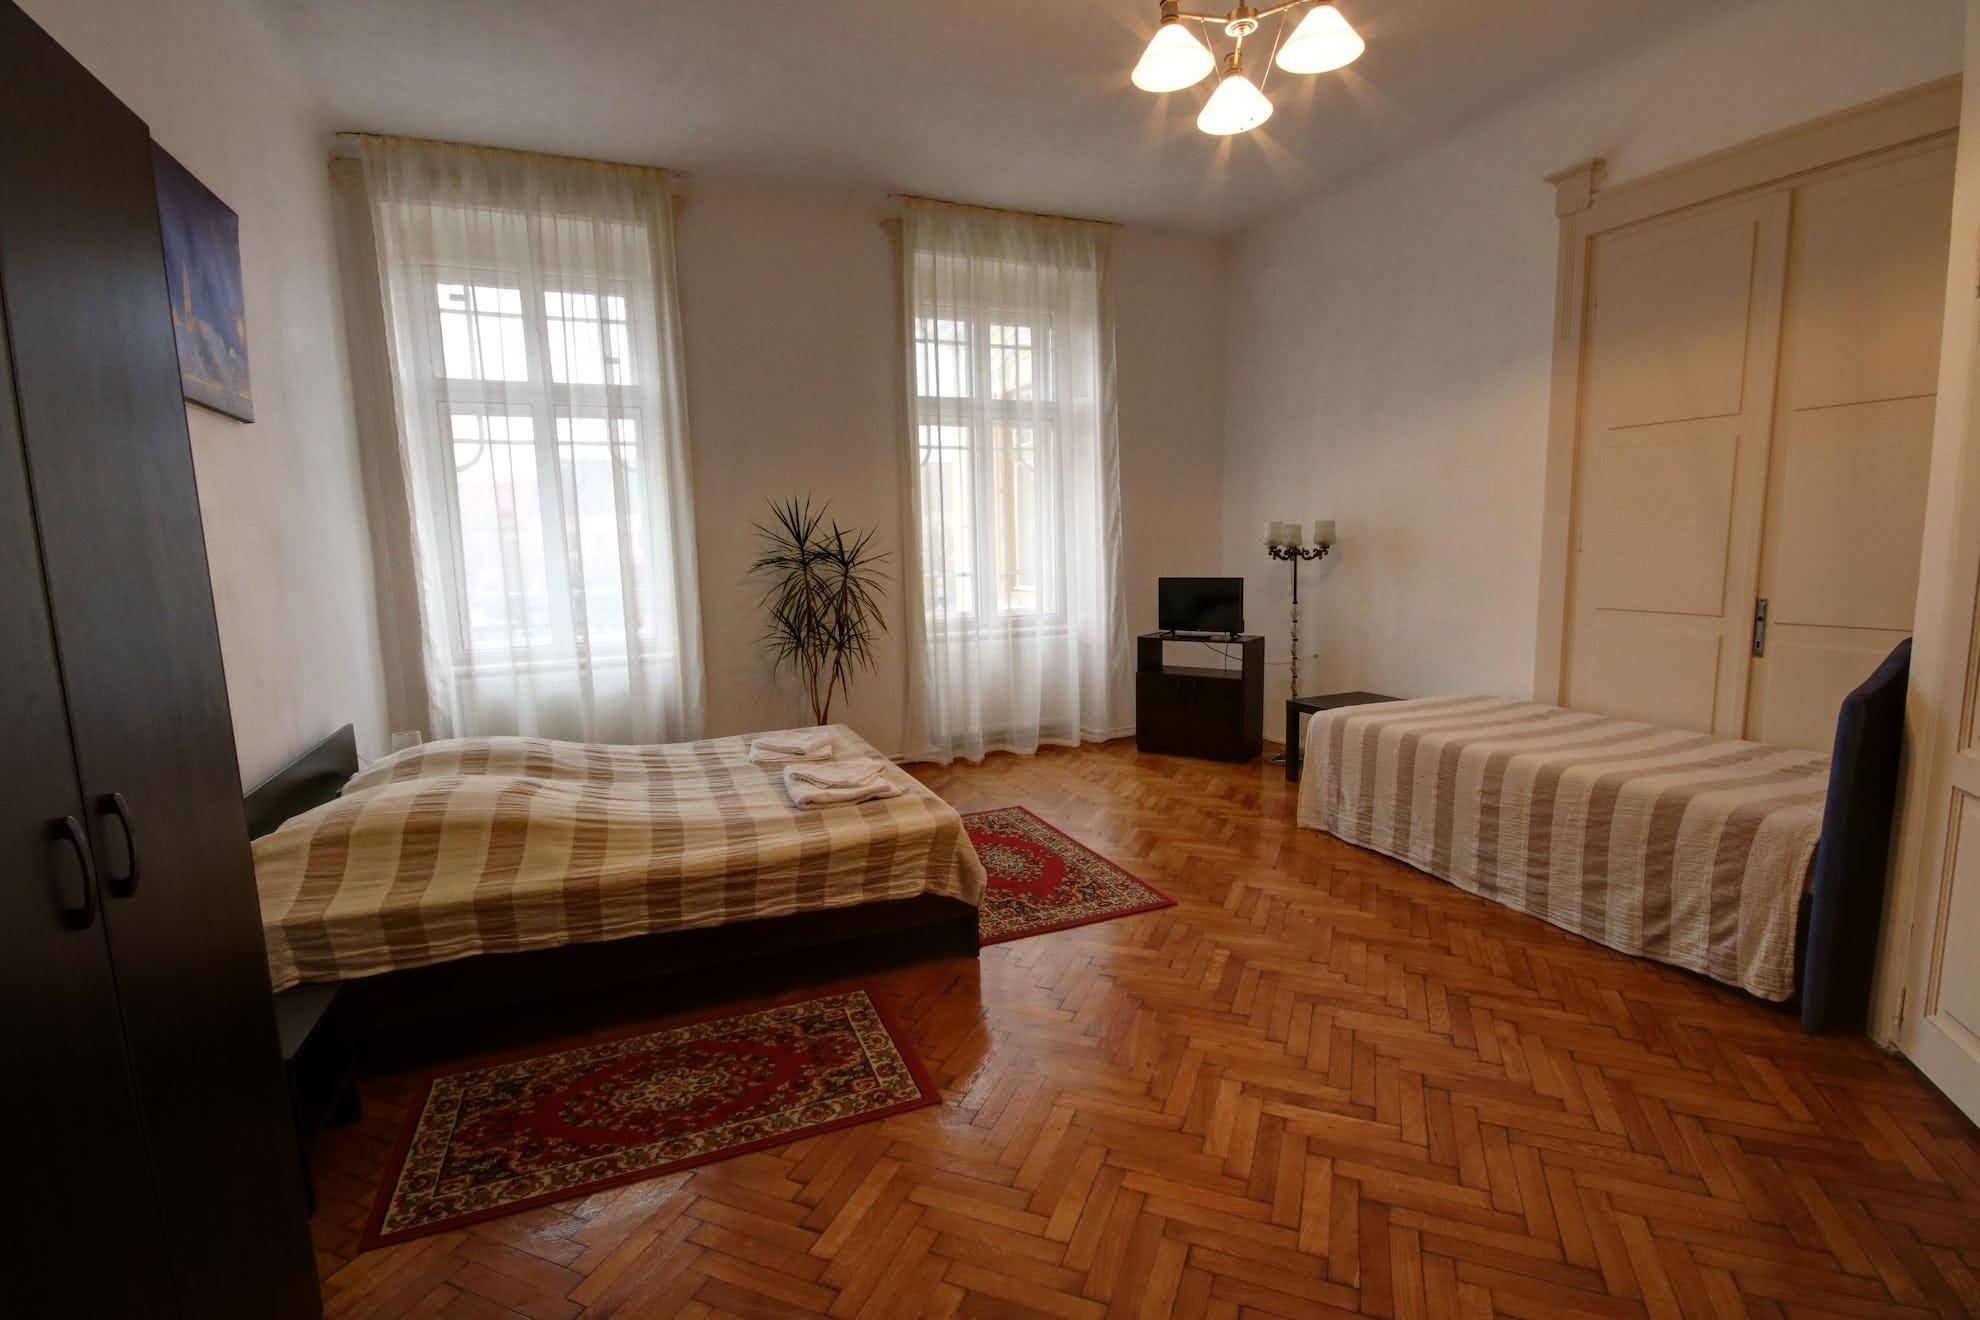 Cameră cu pat dublu și pat adițional